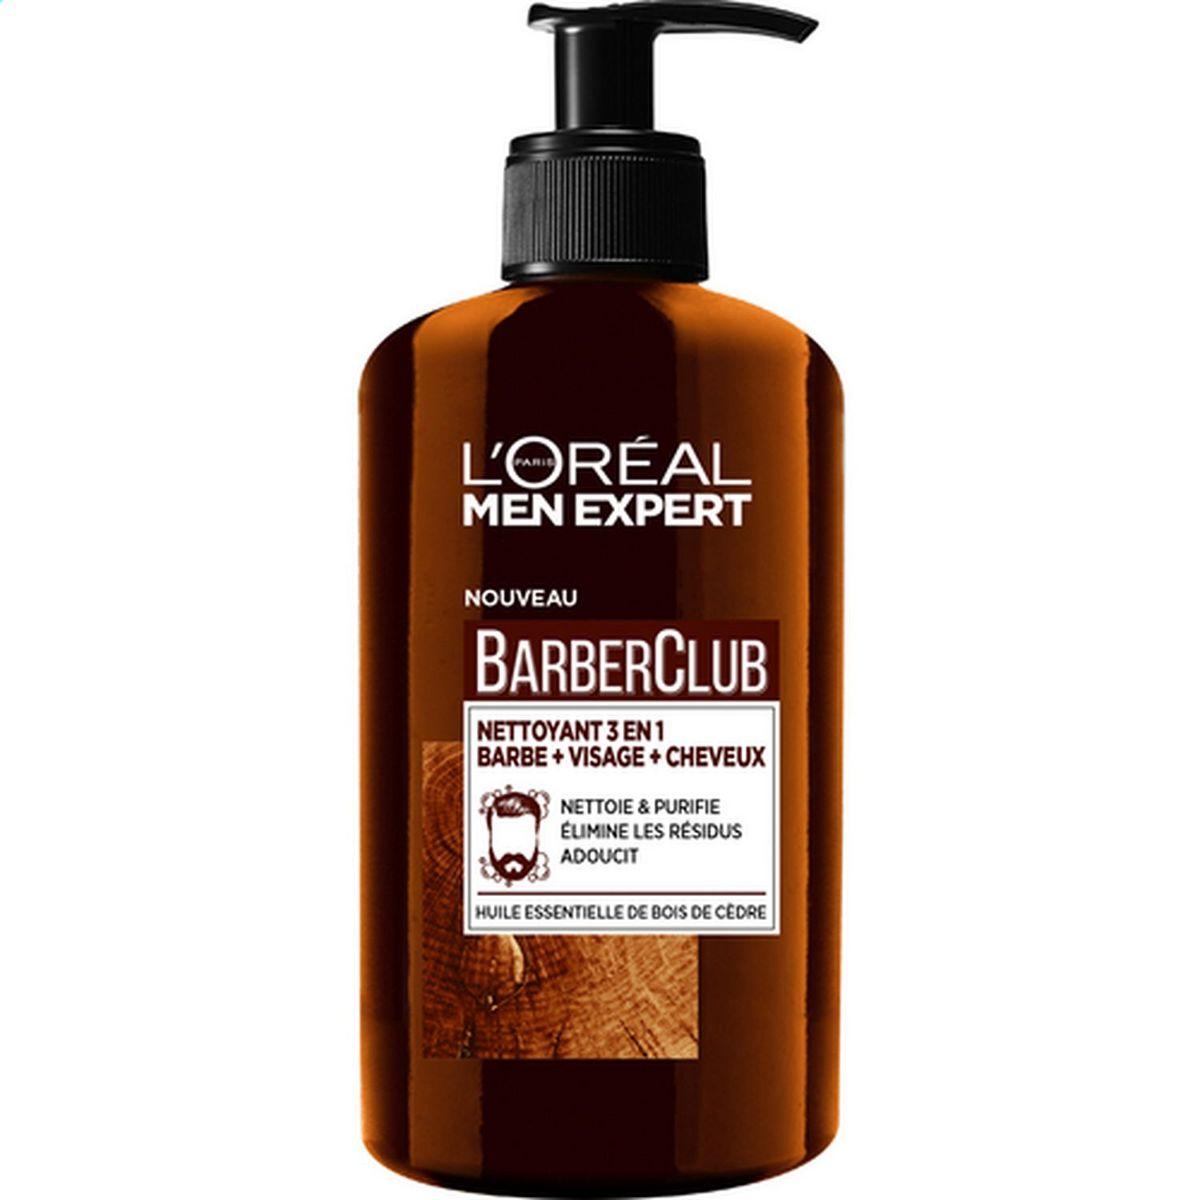 L'Oréal Barber Club nettoyant 3en1 barbe visage et cheveux 200ml